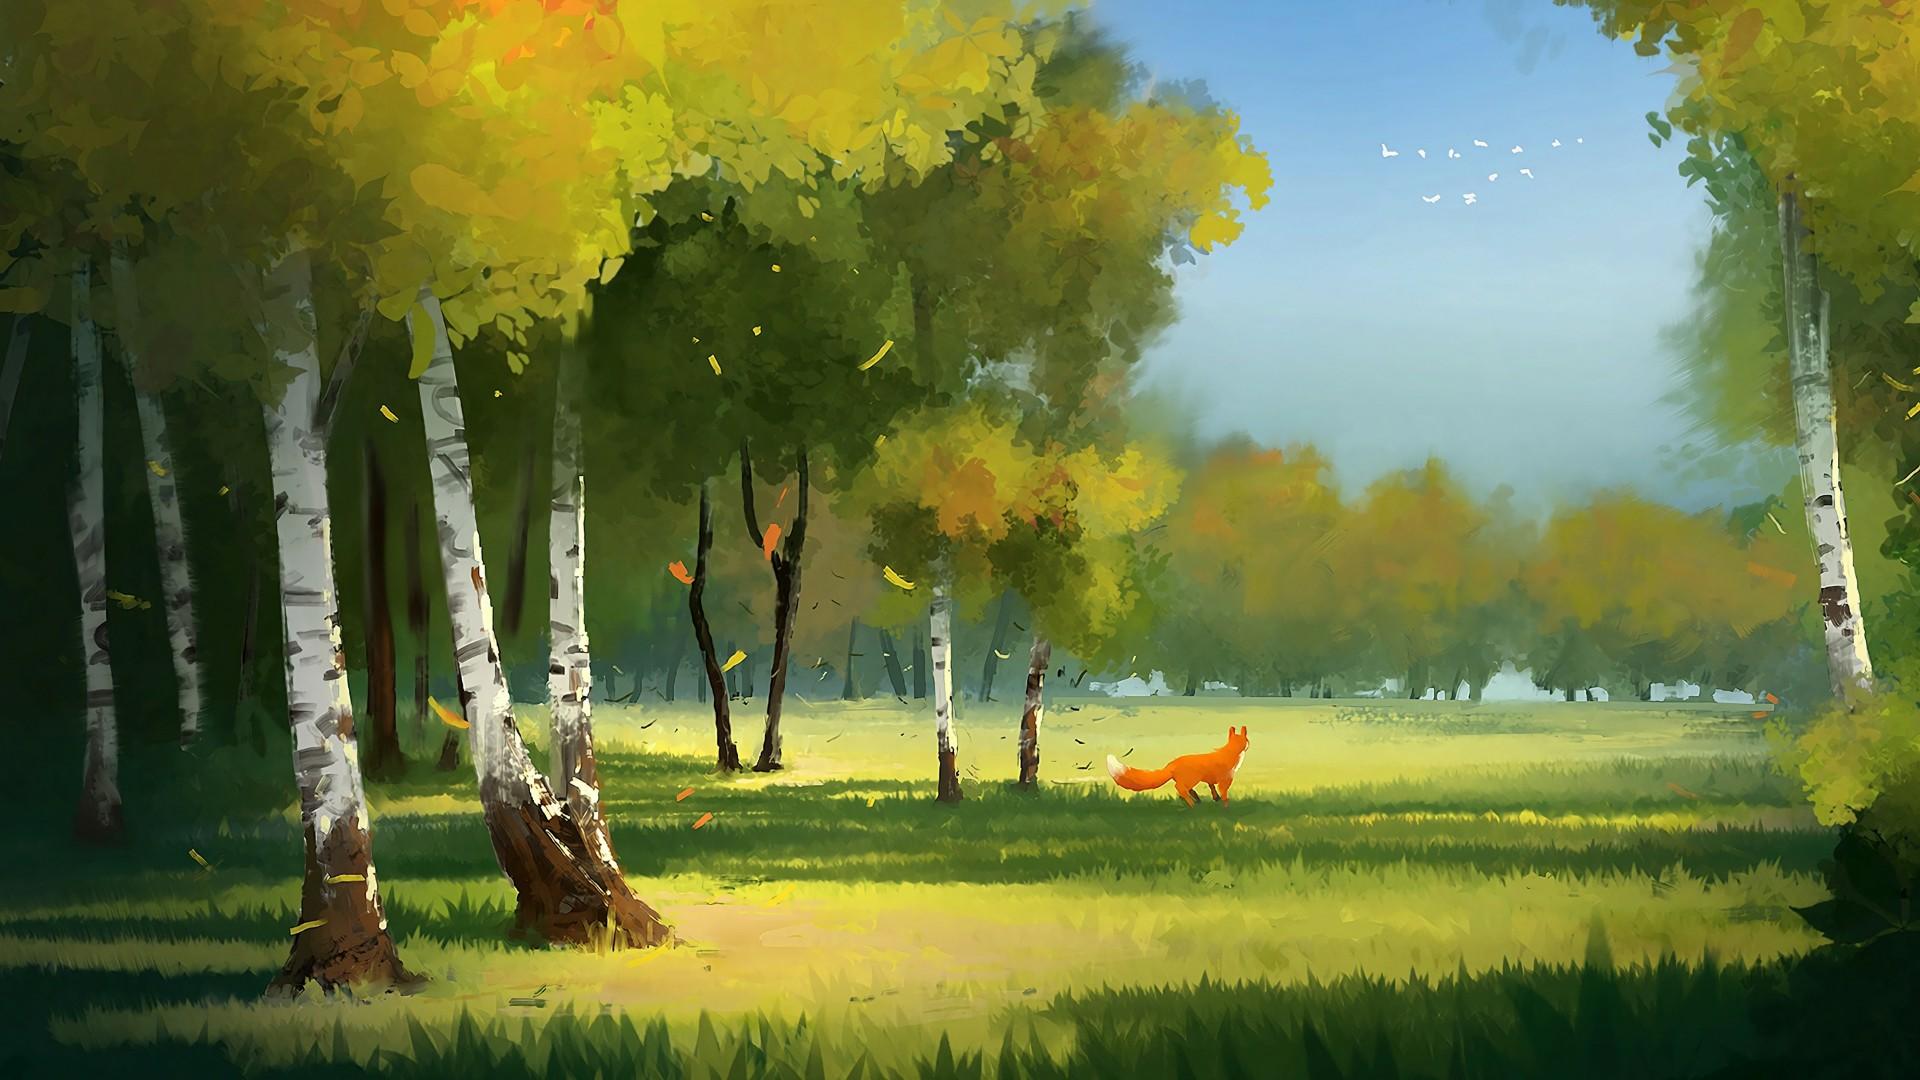 Fox in the meadow wallpaper